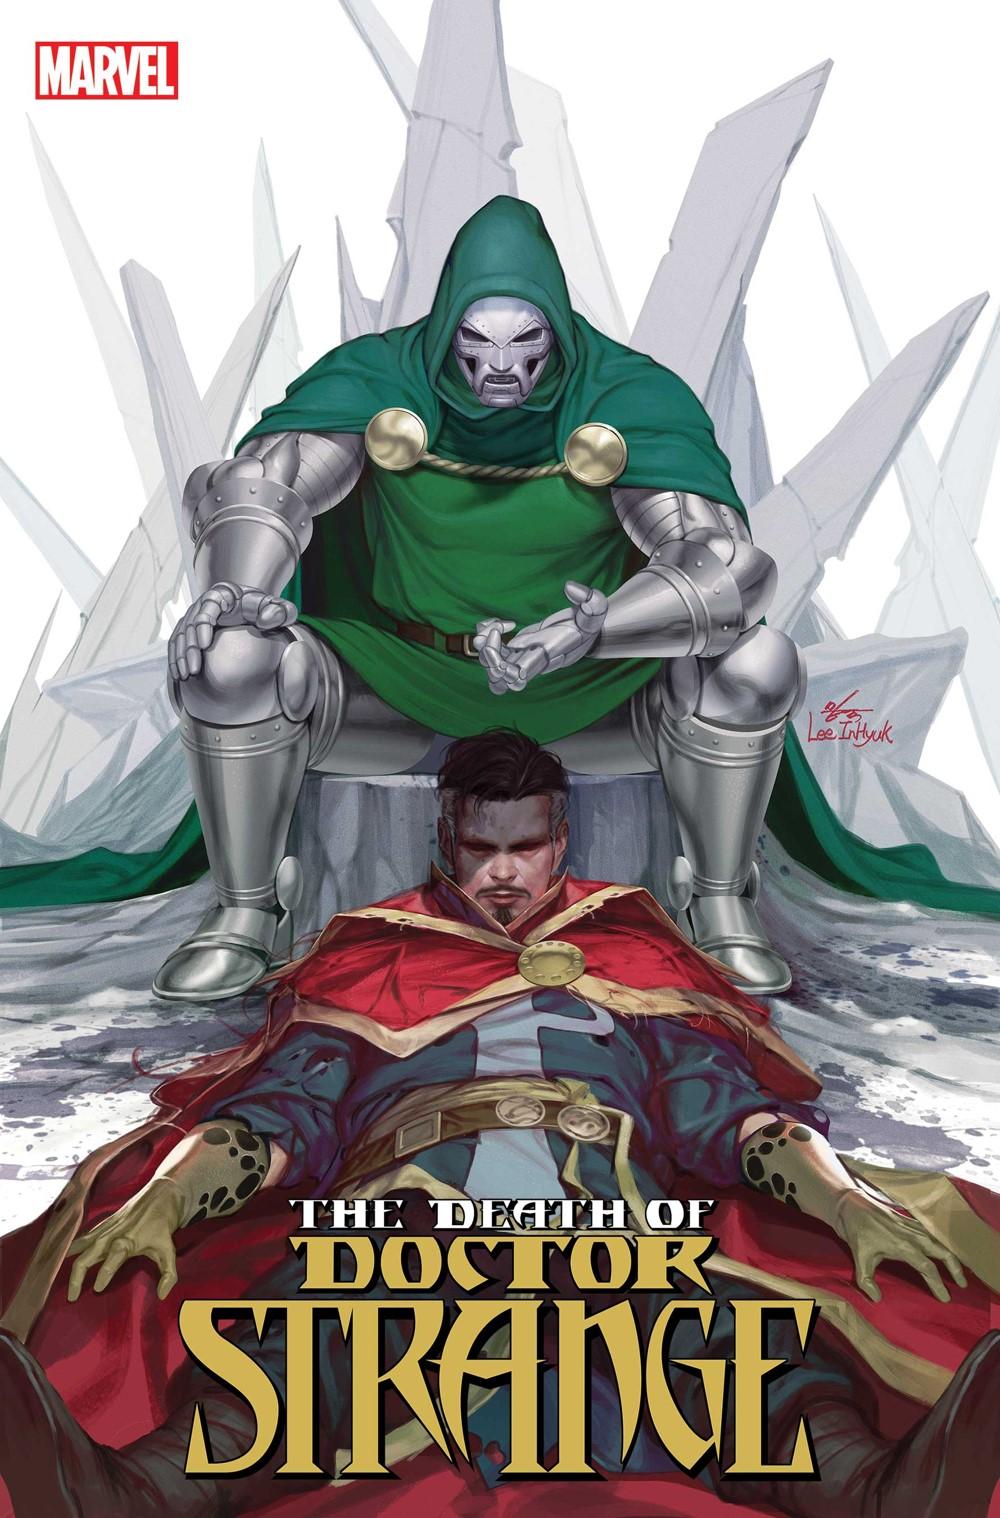 DRSDEATH2021003_InHyuk_Var Marvel Comics November 2021 Solicitations